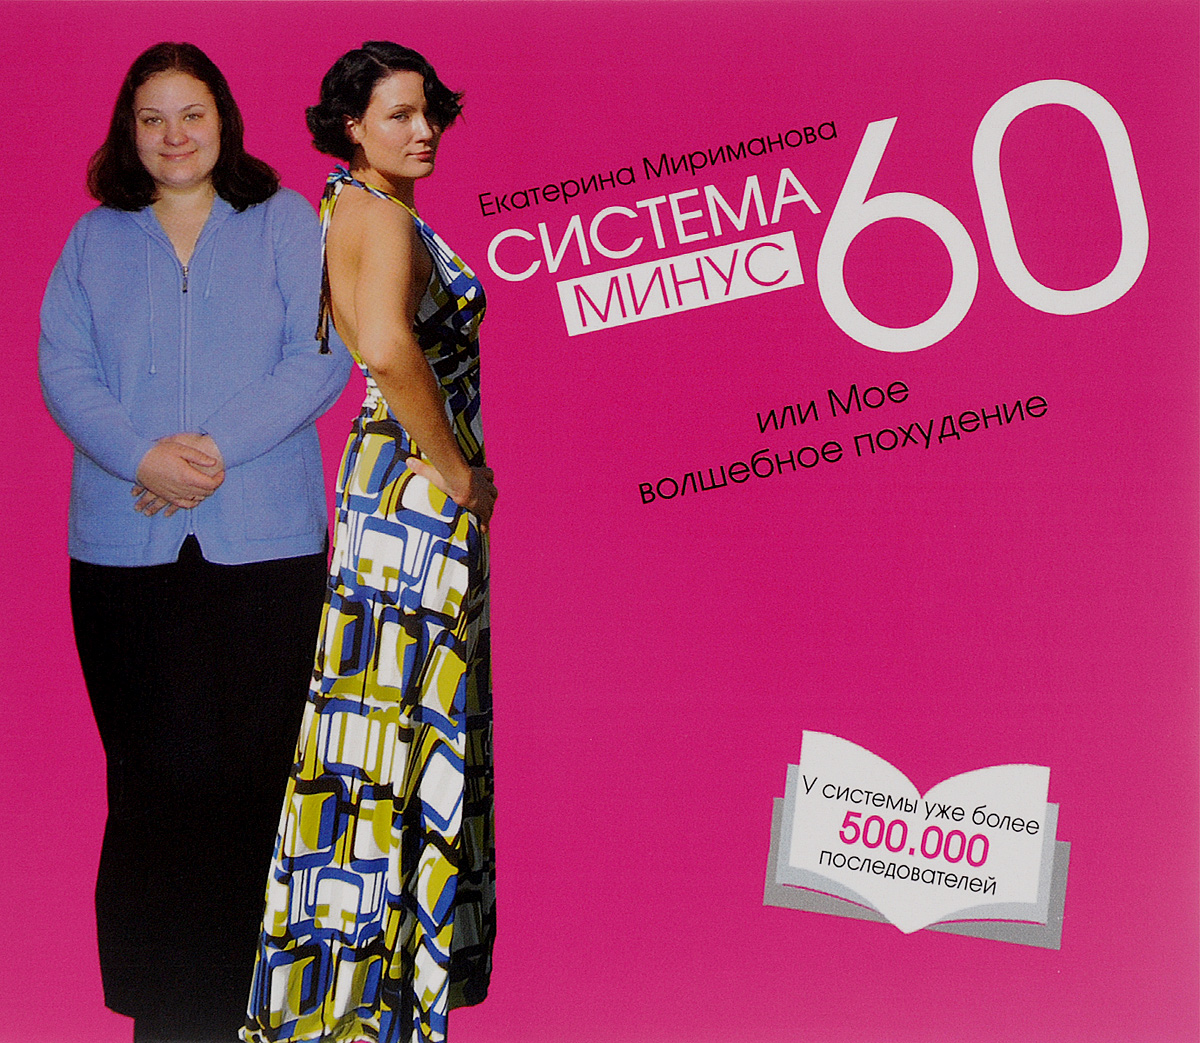 Программа для похудения 60